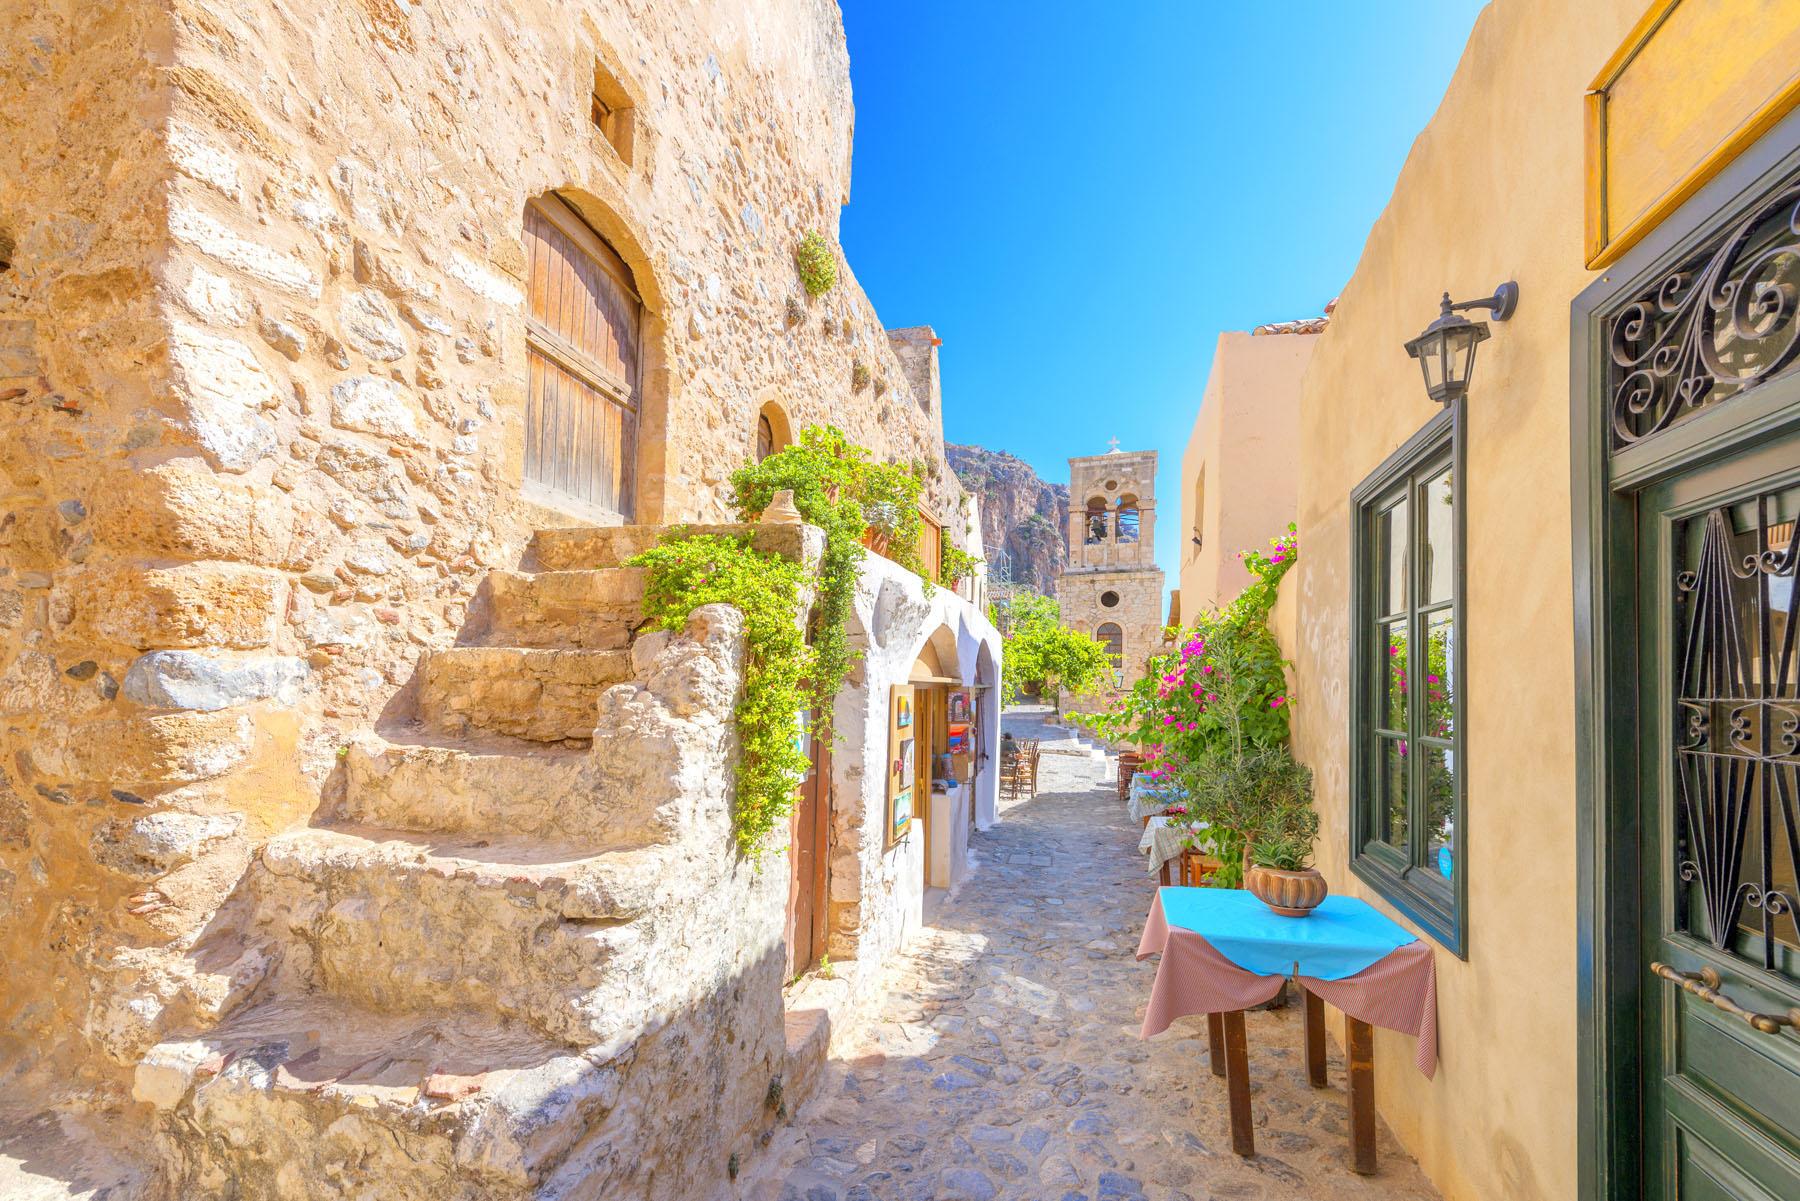 Greece-Monemvasia_158847914_1